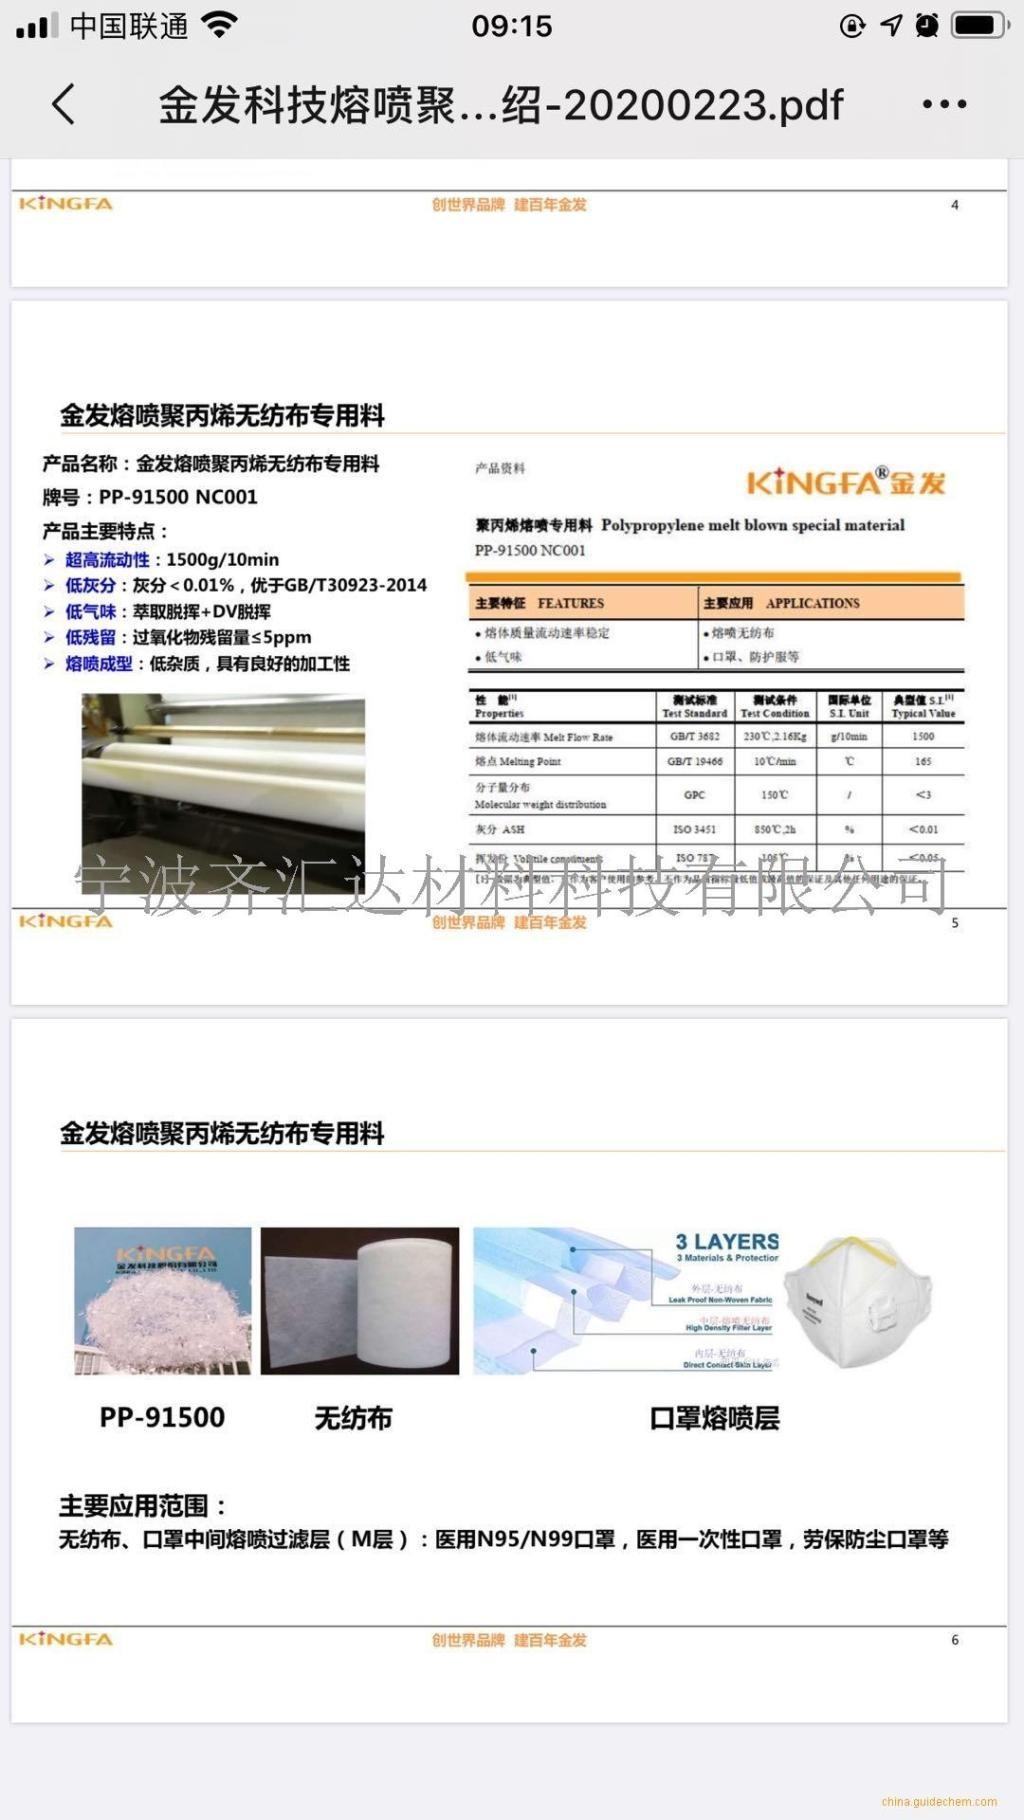 熔喷PP PP-91500 上海金发现货代理